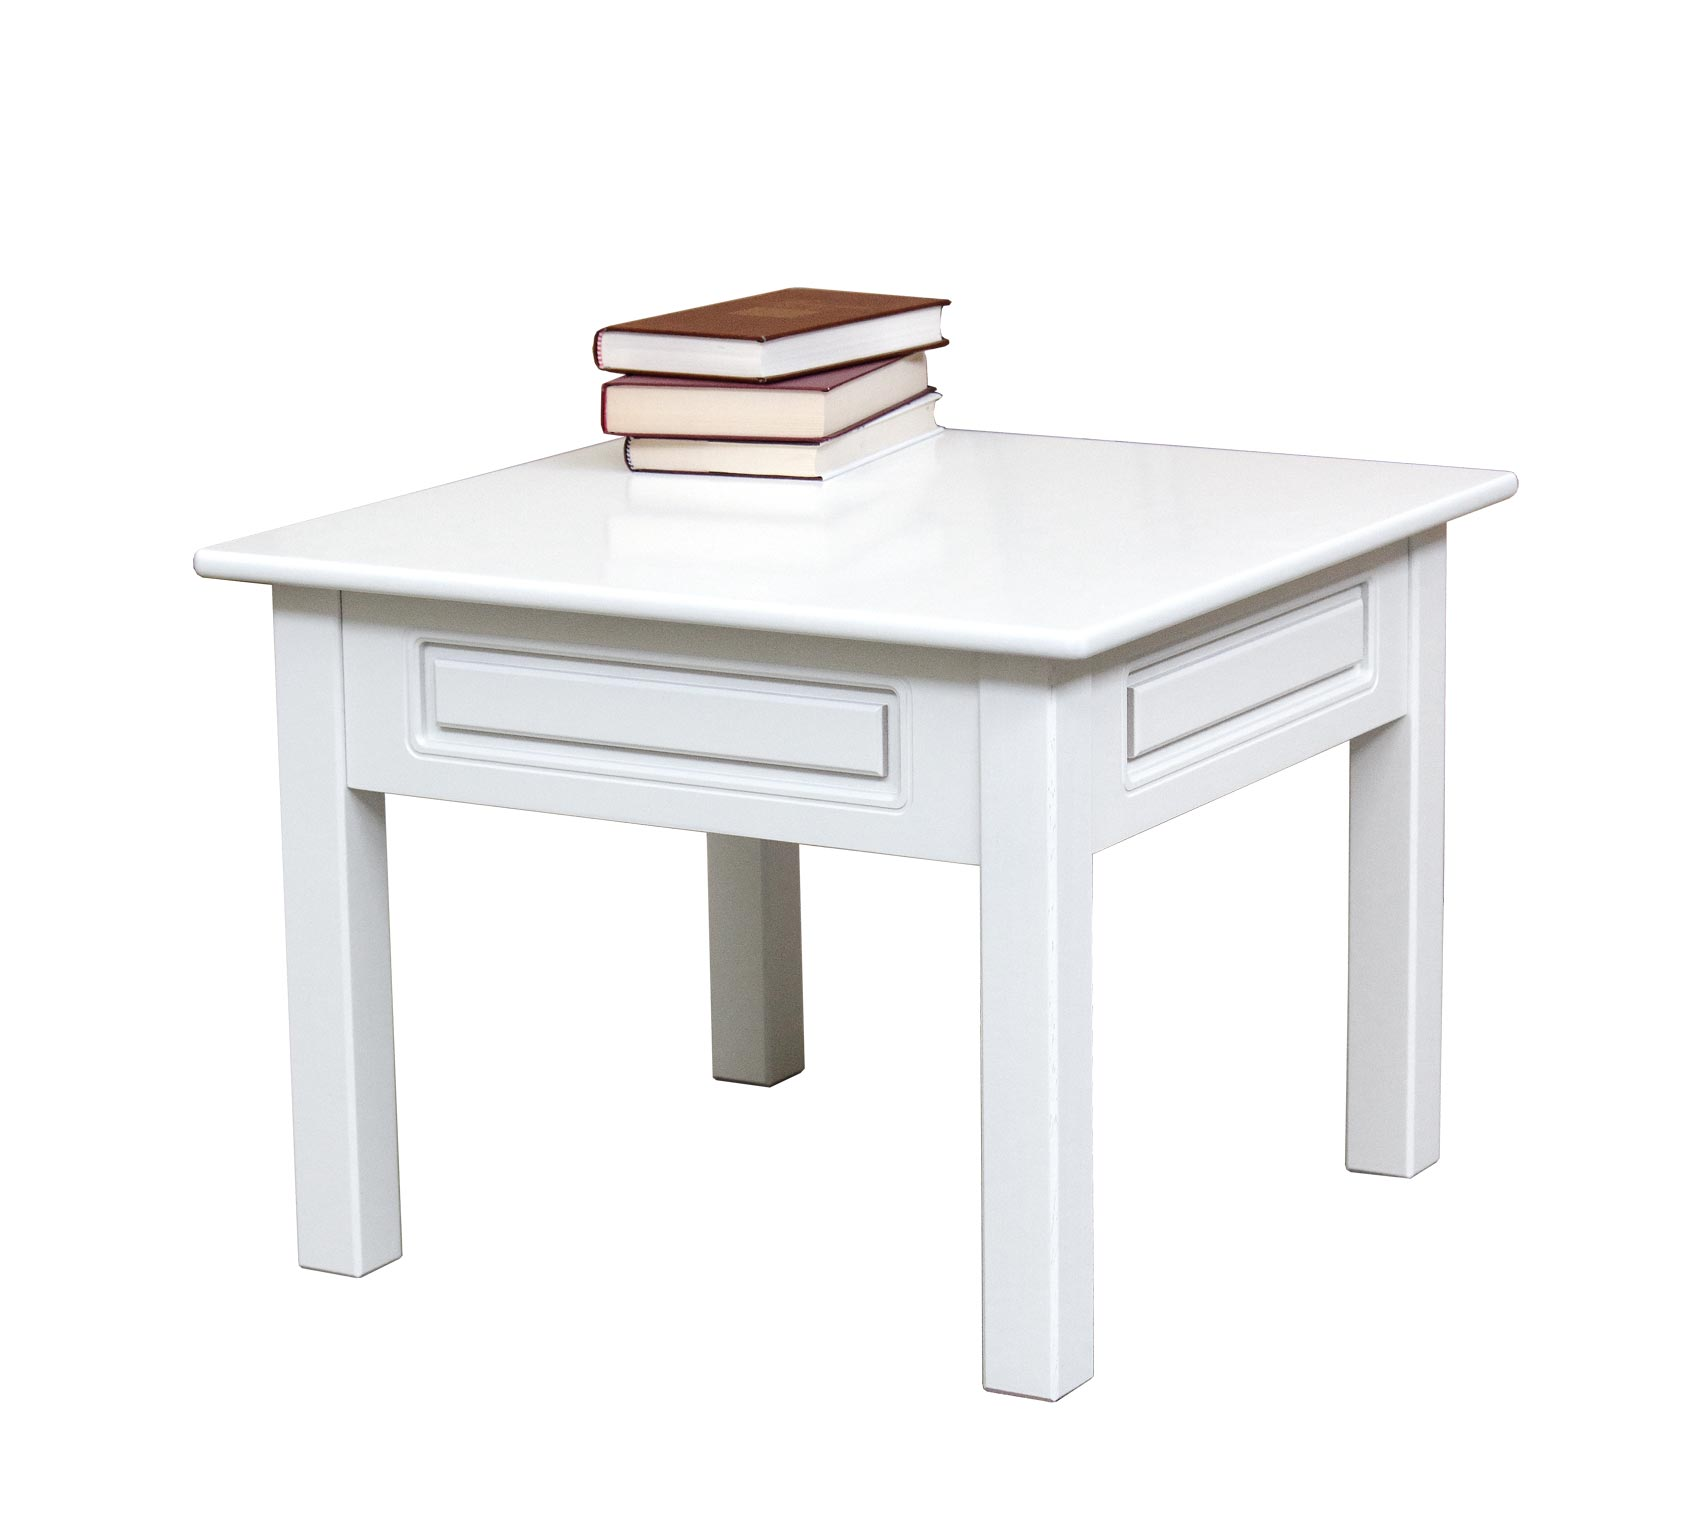 Mesa de centro barnizada en madera